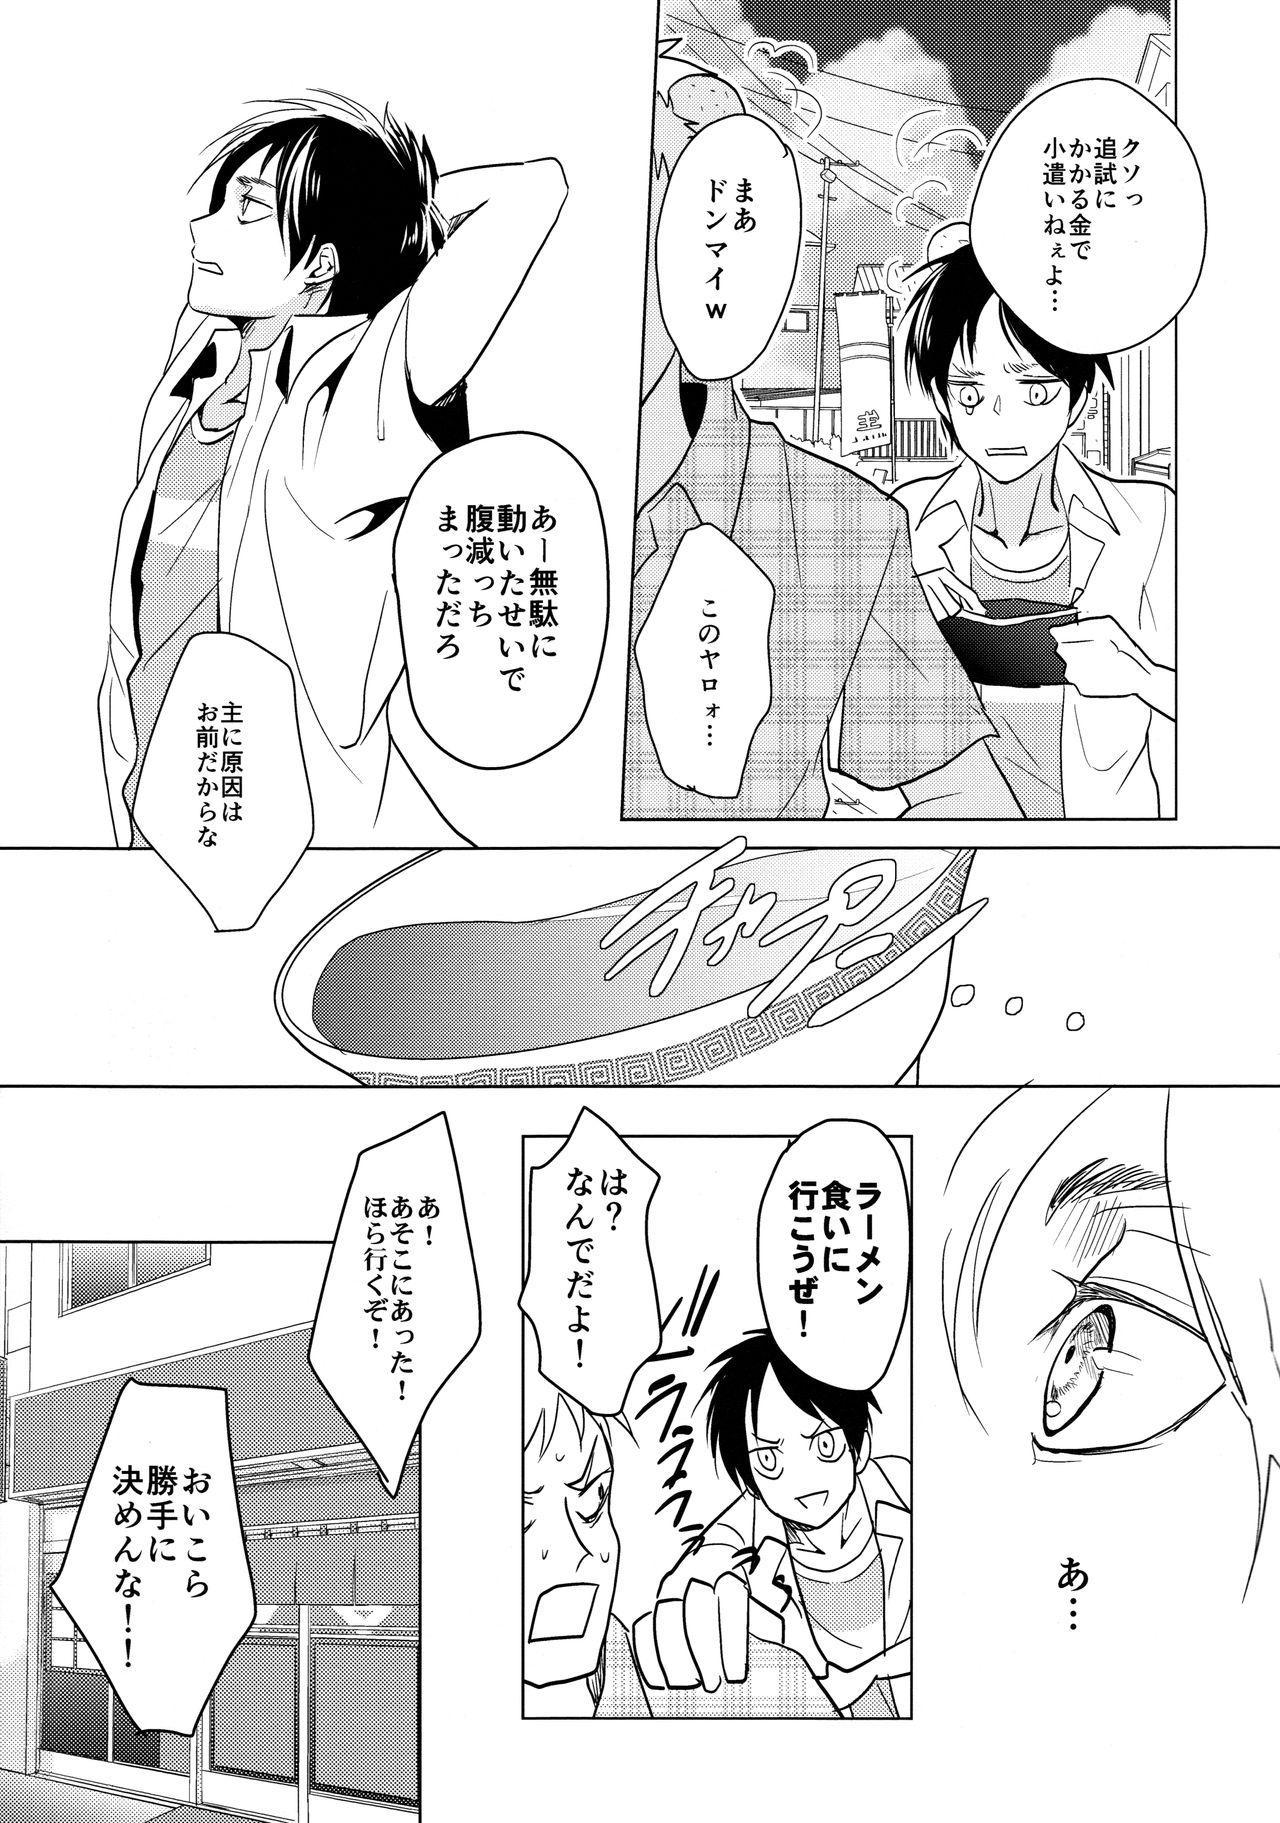 Gochidou-sama deshita. 3